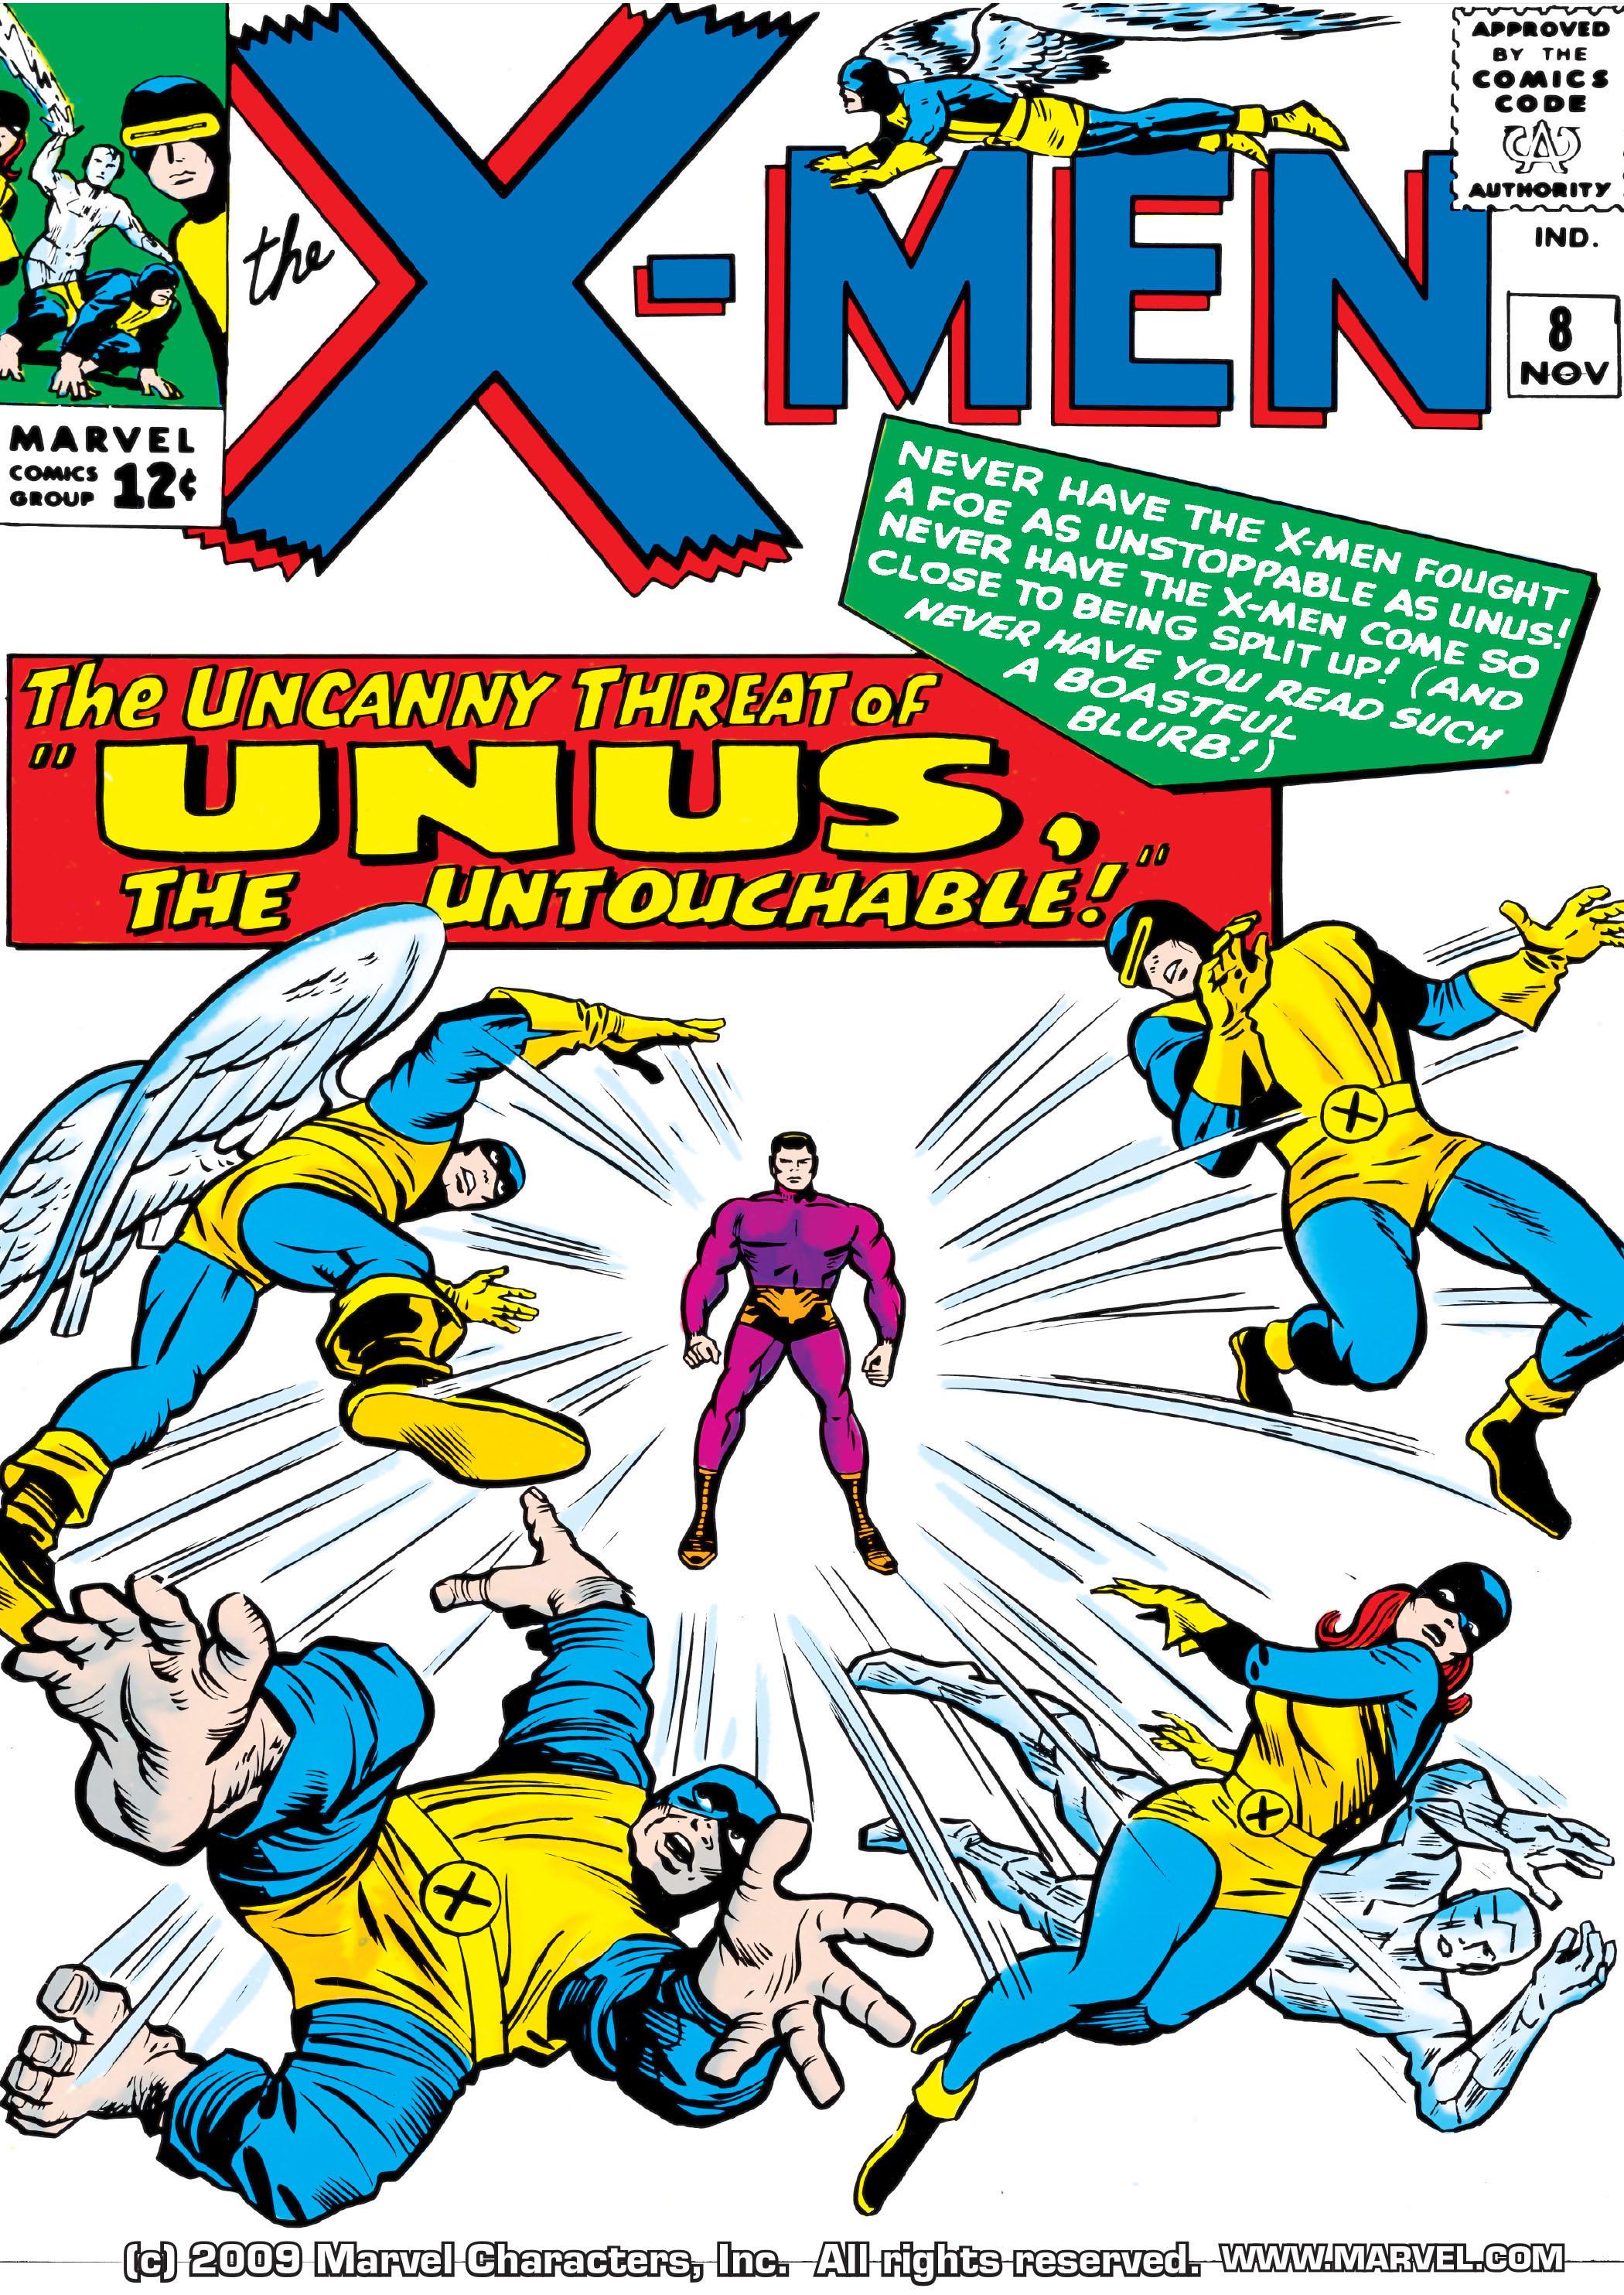 Uncanny X-Men (1963) 8 Page 0